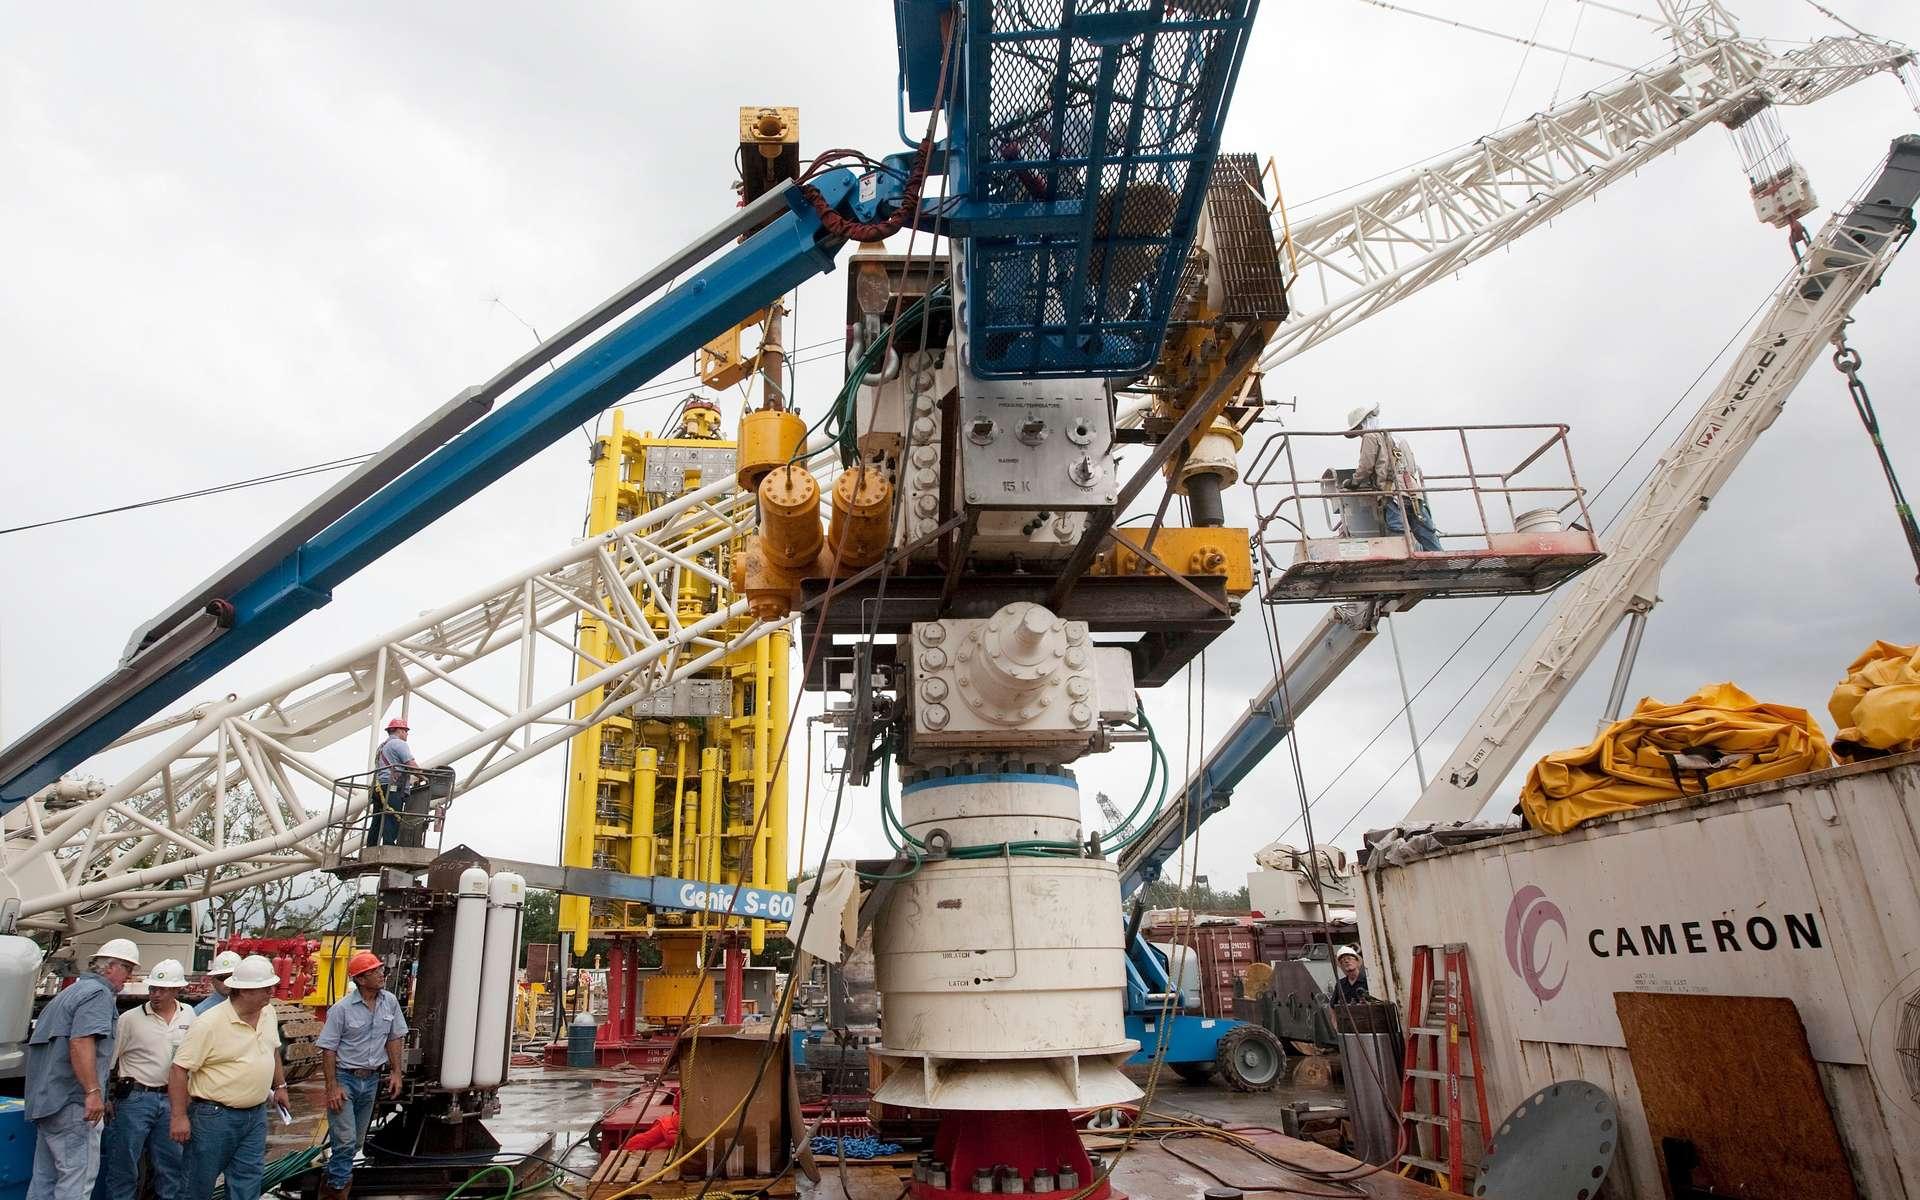 Le dernier BOP (blowout preventer, ou bloc obturateur de puits) le 29 juin dernier, construit en environ deux mois, prêt à être descendu quelques jours plus tard au niveau du puits. Il est chargé de récupérer l'écoulement de brut et de le diriger vers les conduits raccordés aux bâtiments en surface. © BP